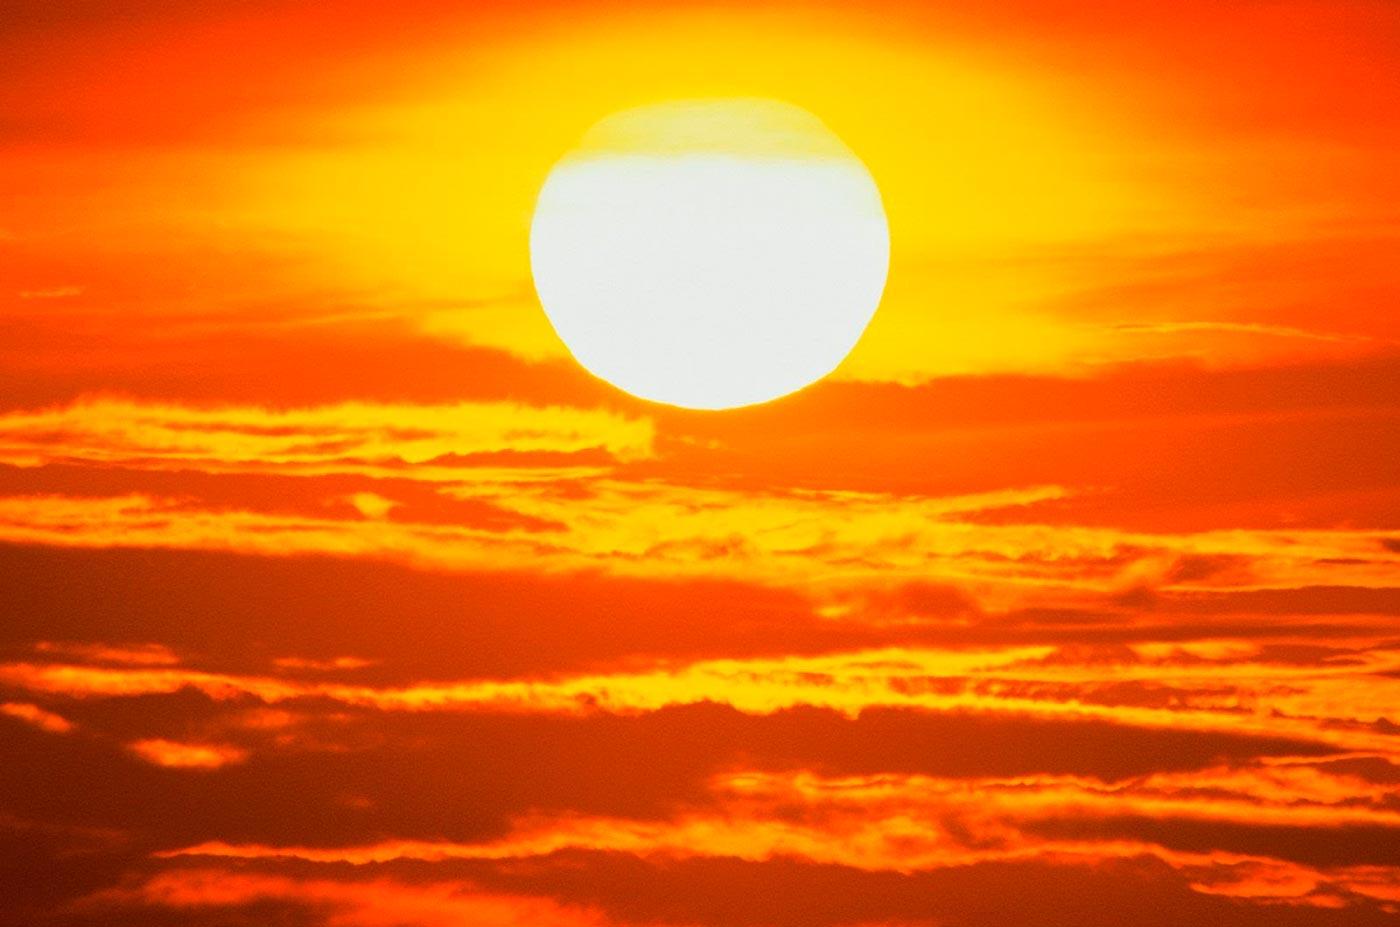 Почти на всей территории Узбекистана прогнозируется жаркая сухая погода